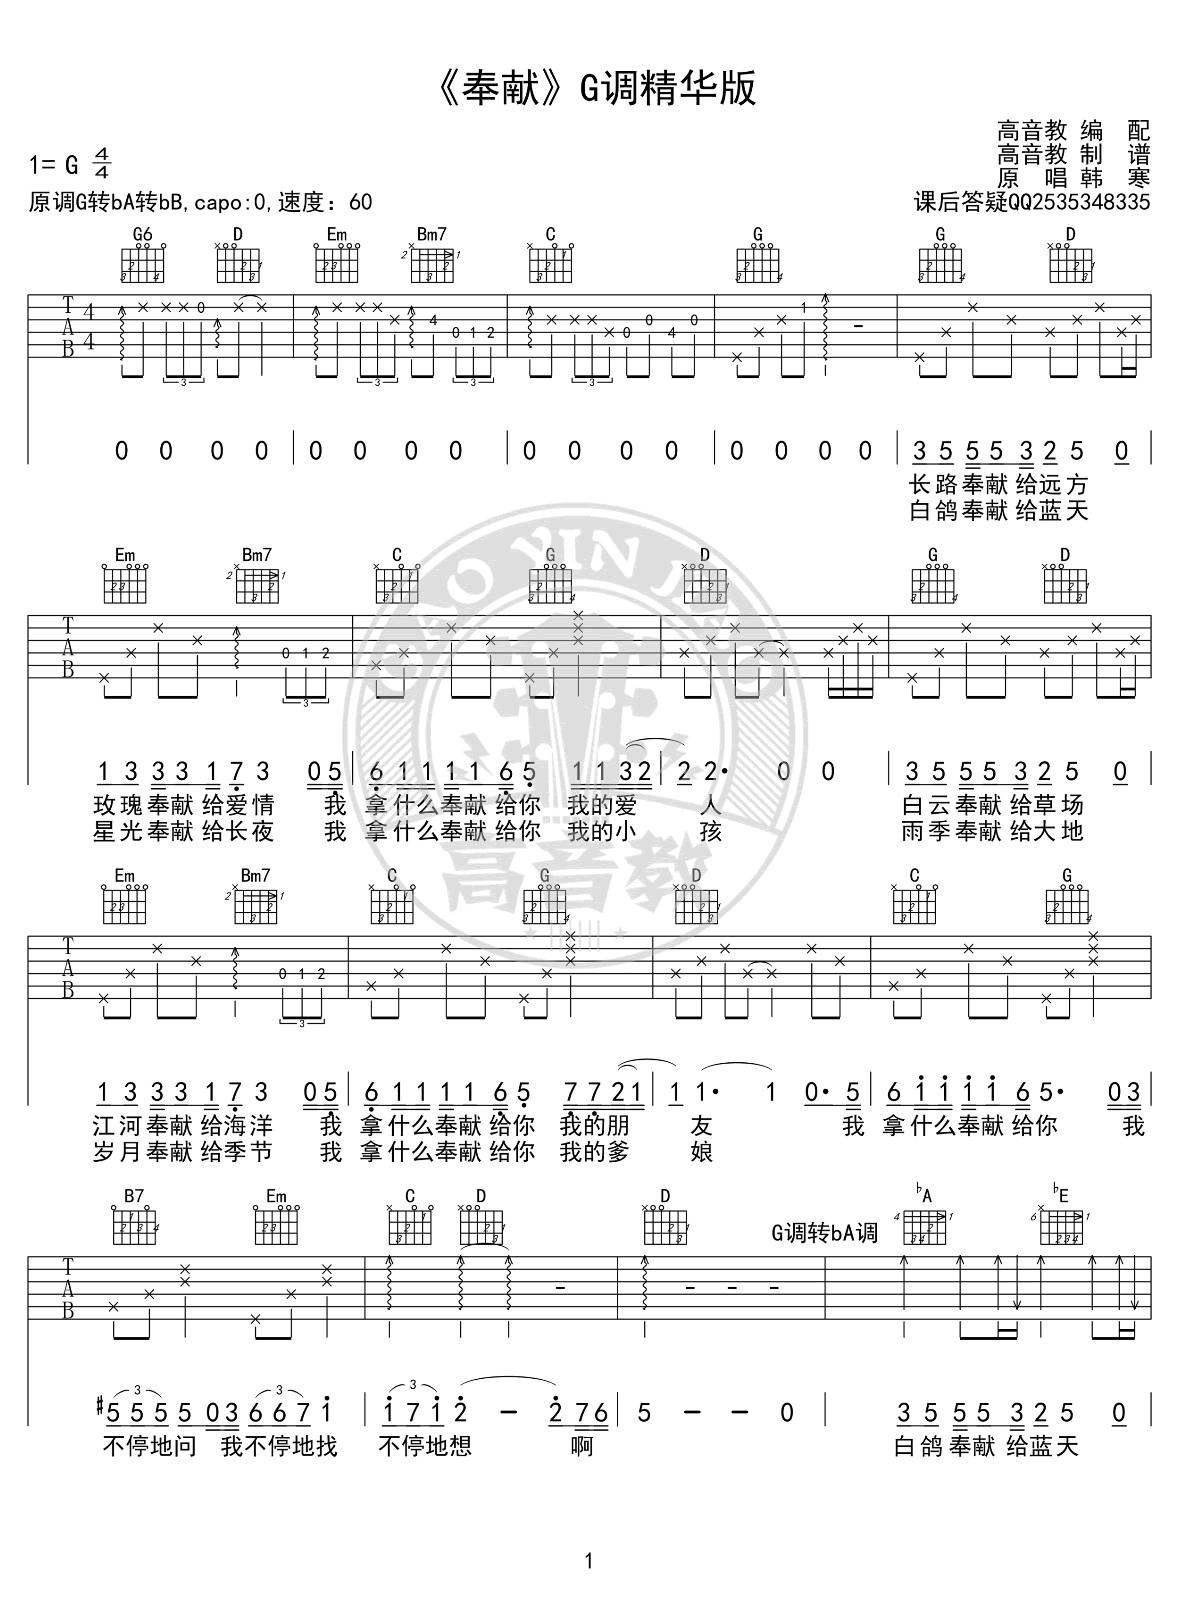 奉献吉他谱_韩寒《飞驰人生》片尾曲_G调六线谱-吉他谱-C大调音乐网